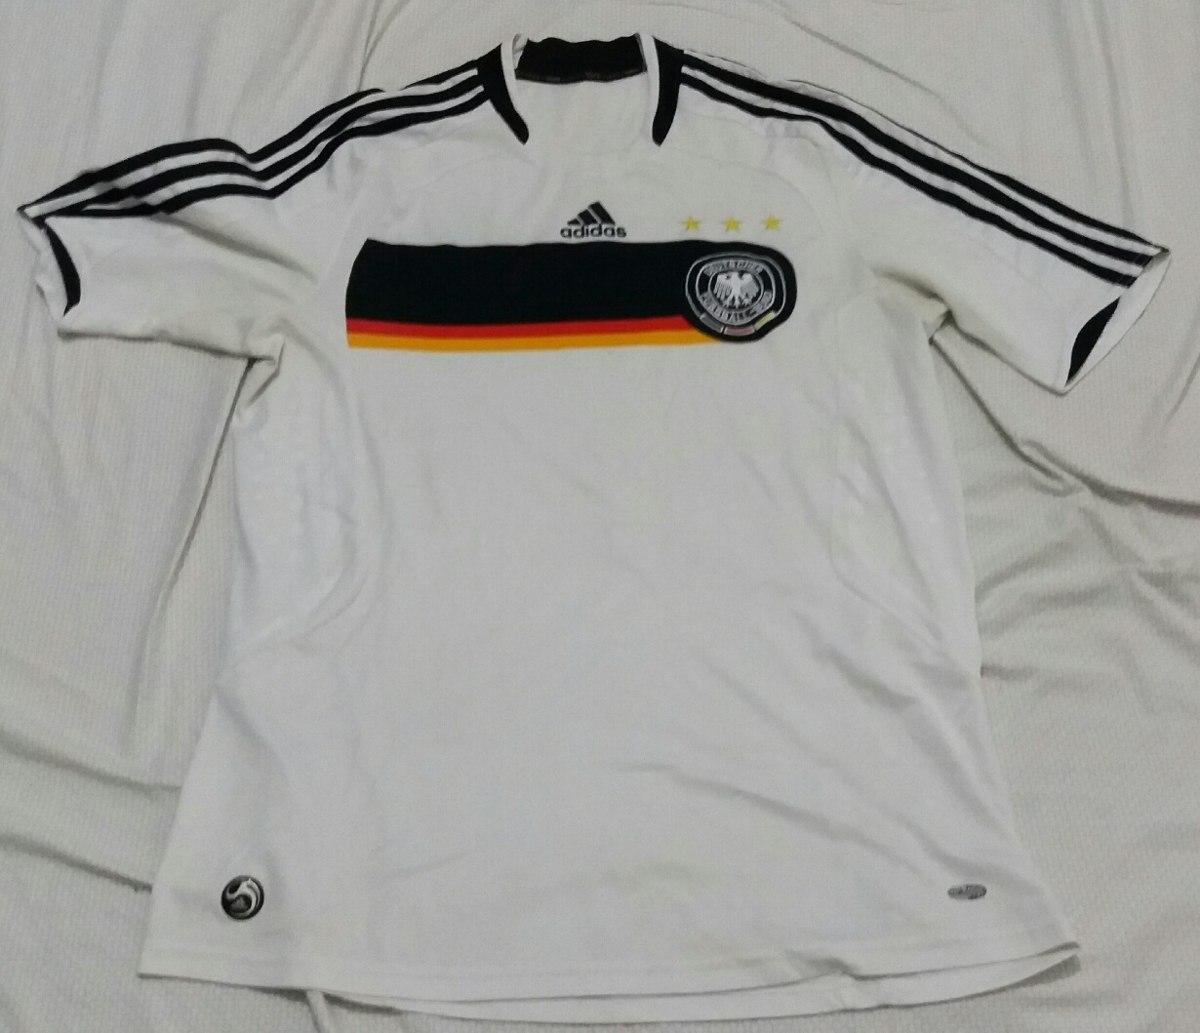 d65abce539c3a camisa alemanha - 2010 - adidas. Carregando zoom.